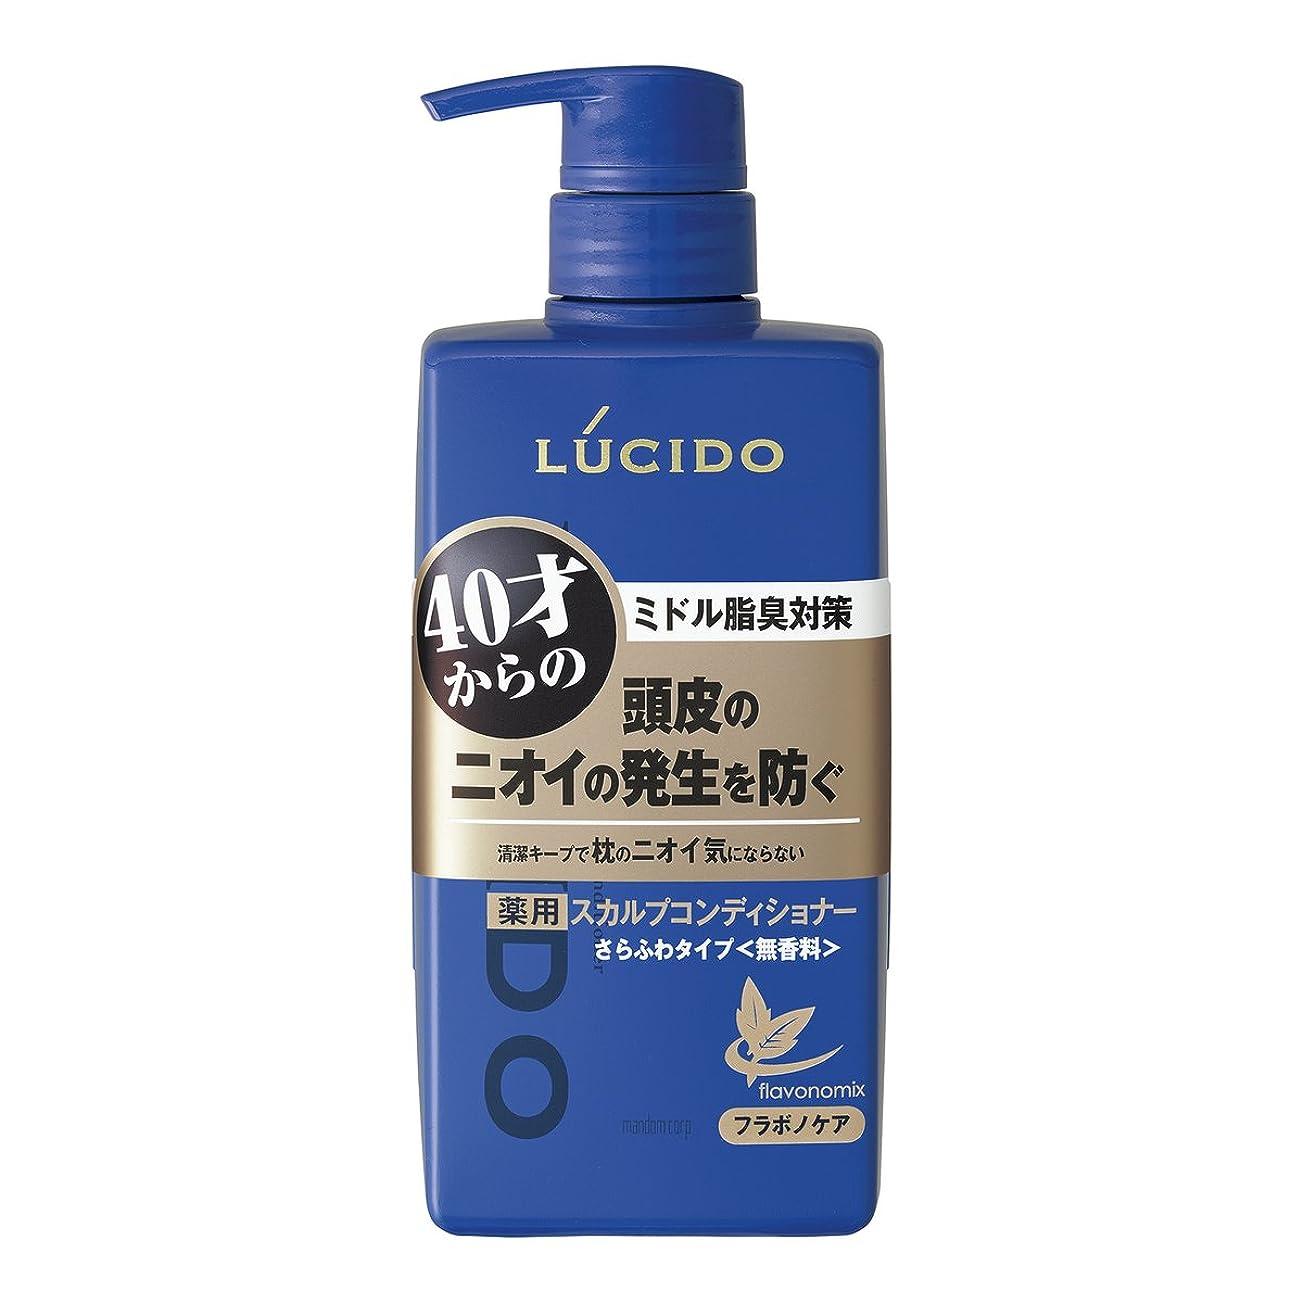 地平線悪性の商品ルシード 薬用ヘア&スカルプコンディショナー 450g(医薬部外品)